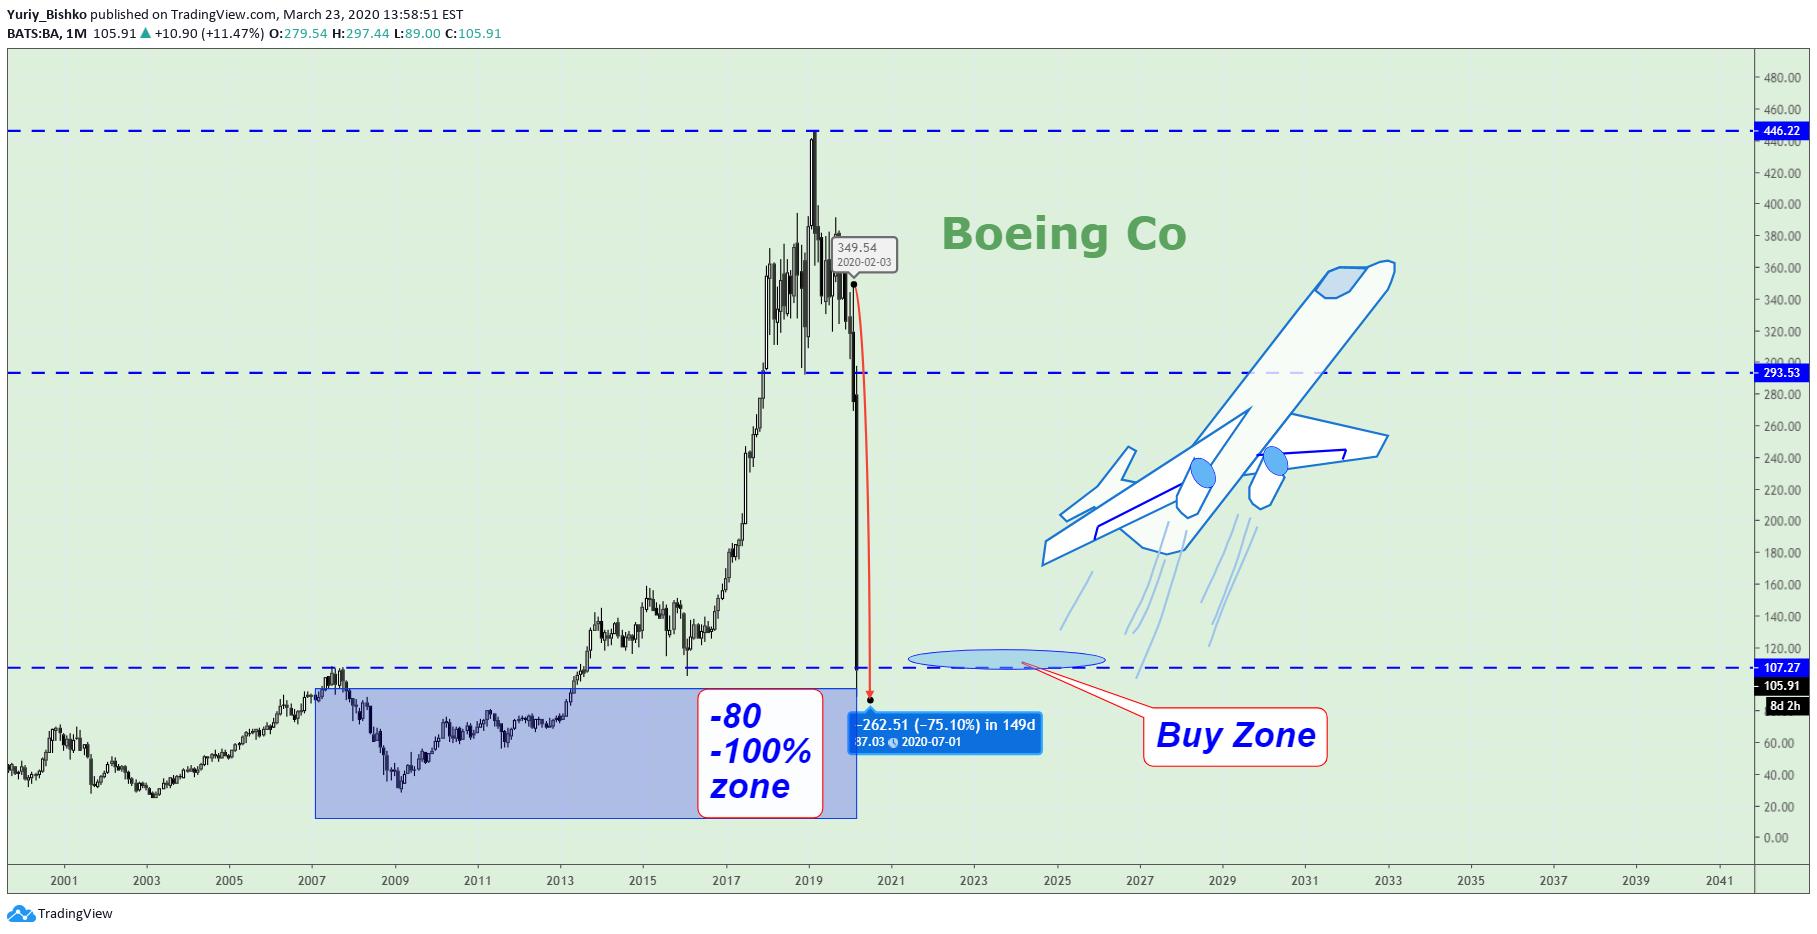 Boeing, Buy with 75% discount! para NYSE:BA por Yuriy_Bishko ...